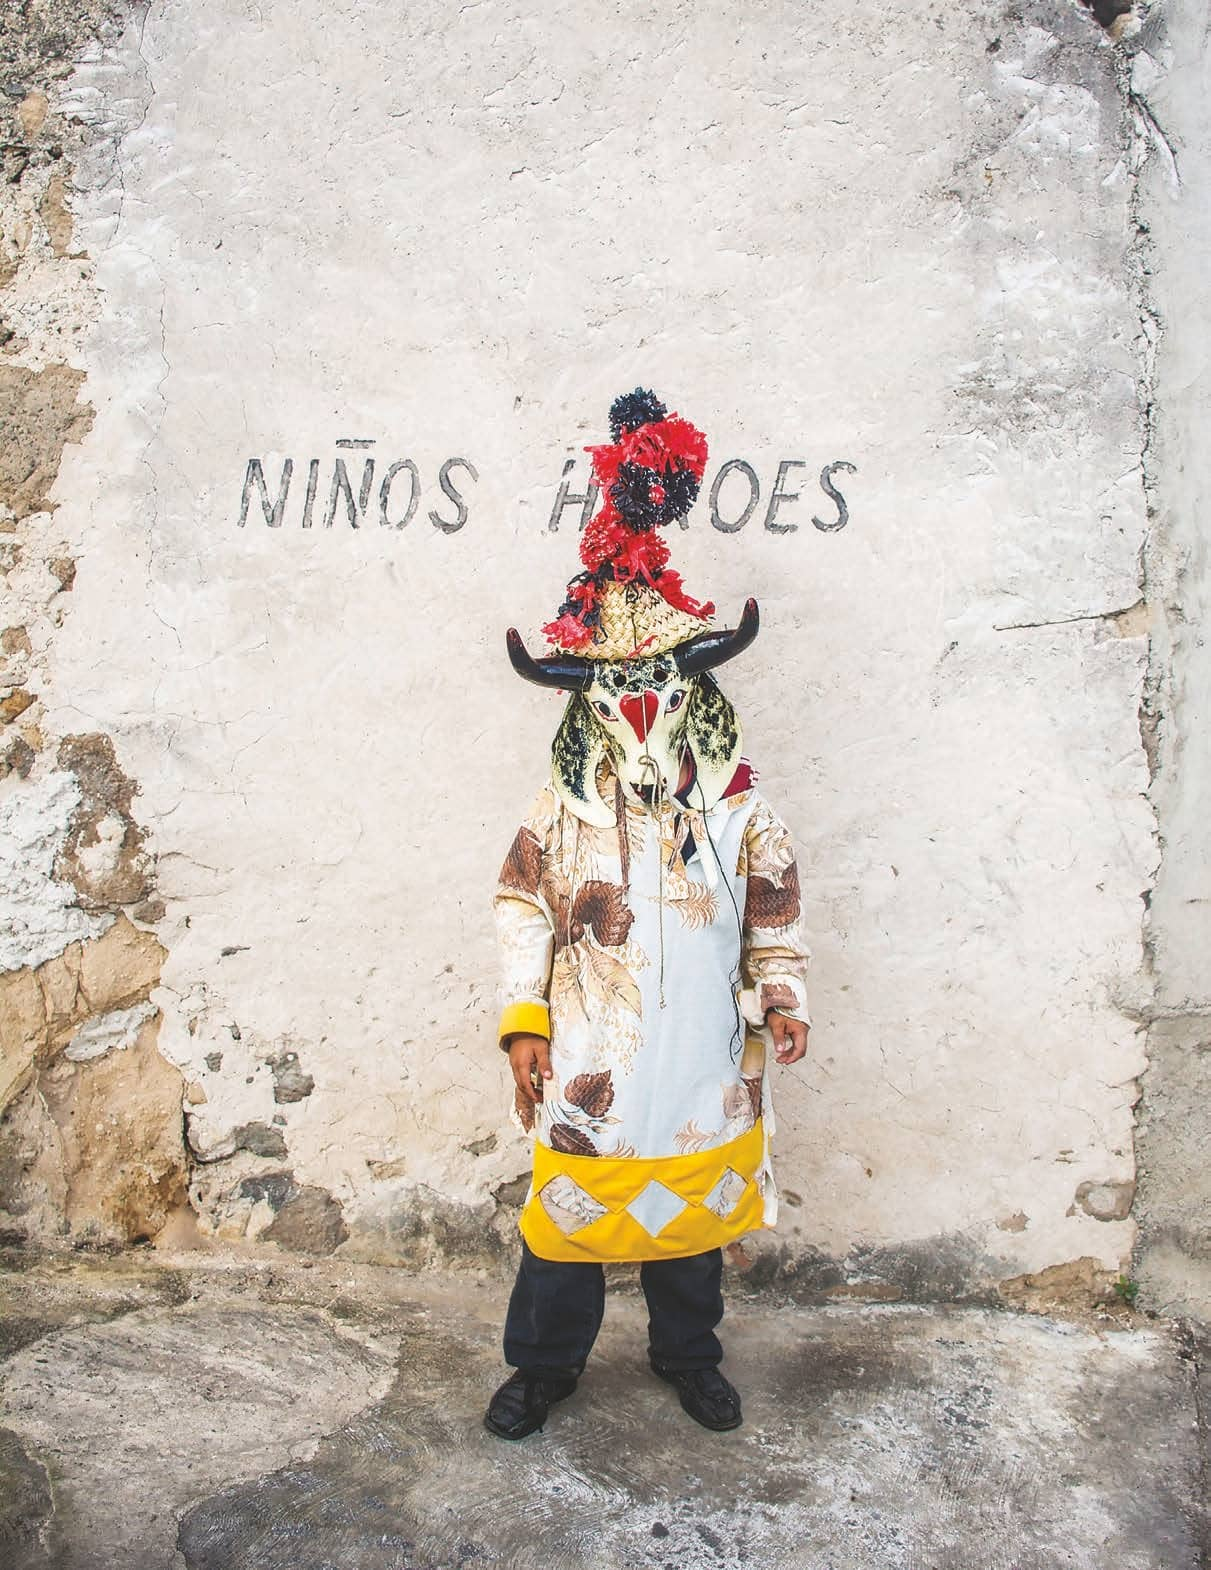 Al son de los enmascarados – Carnaval Afromestizo de Alto Tío Diego de Veracruz